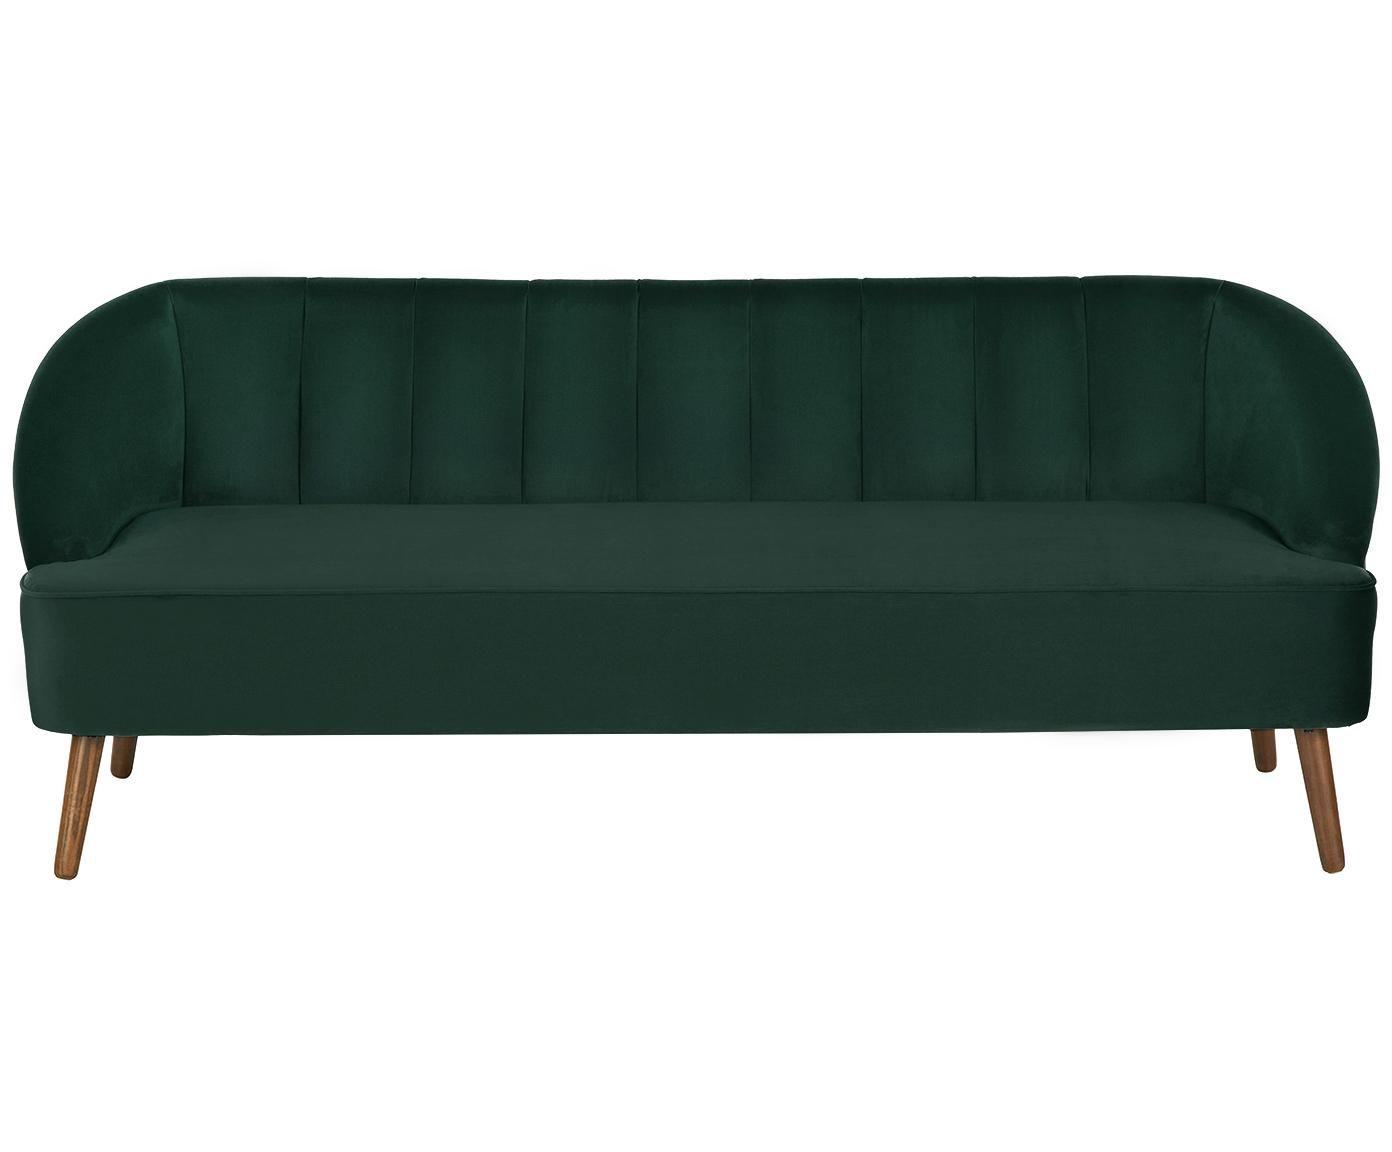 Samt Sofa Cora 3 Sitzer In 2020 Samt Sofa Sofa Und Schone Zuhause